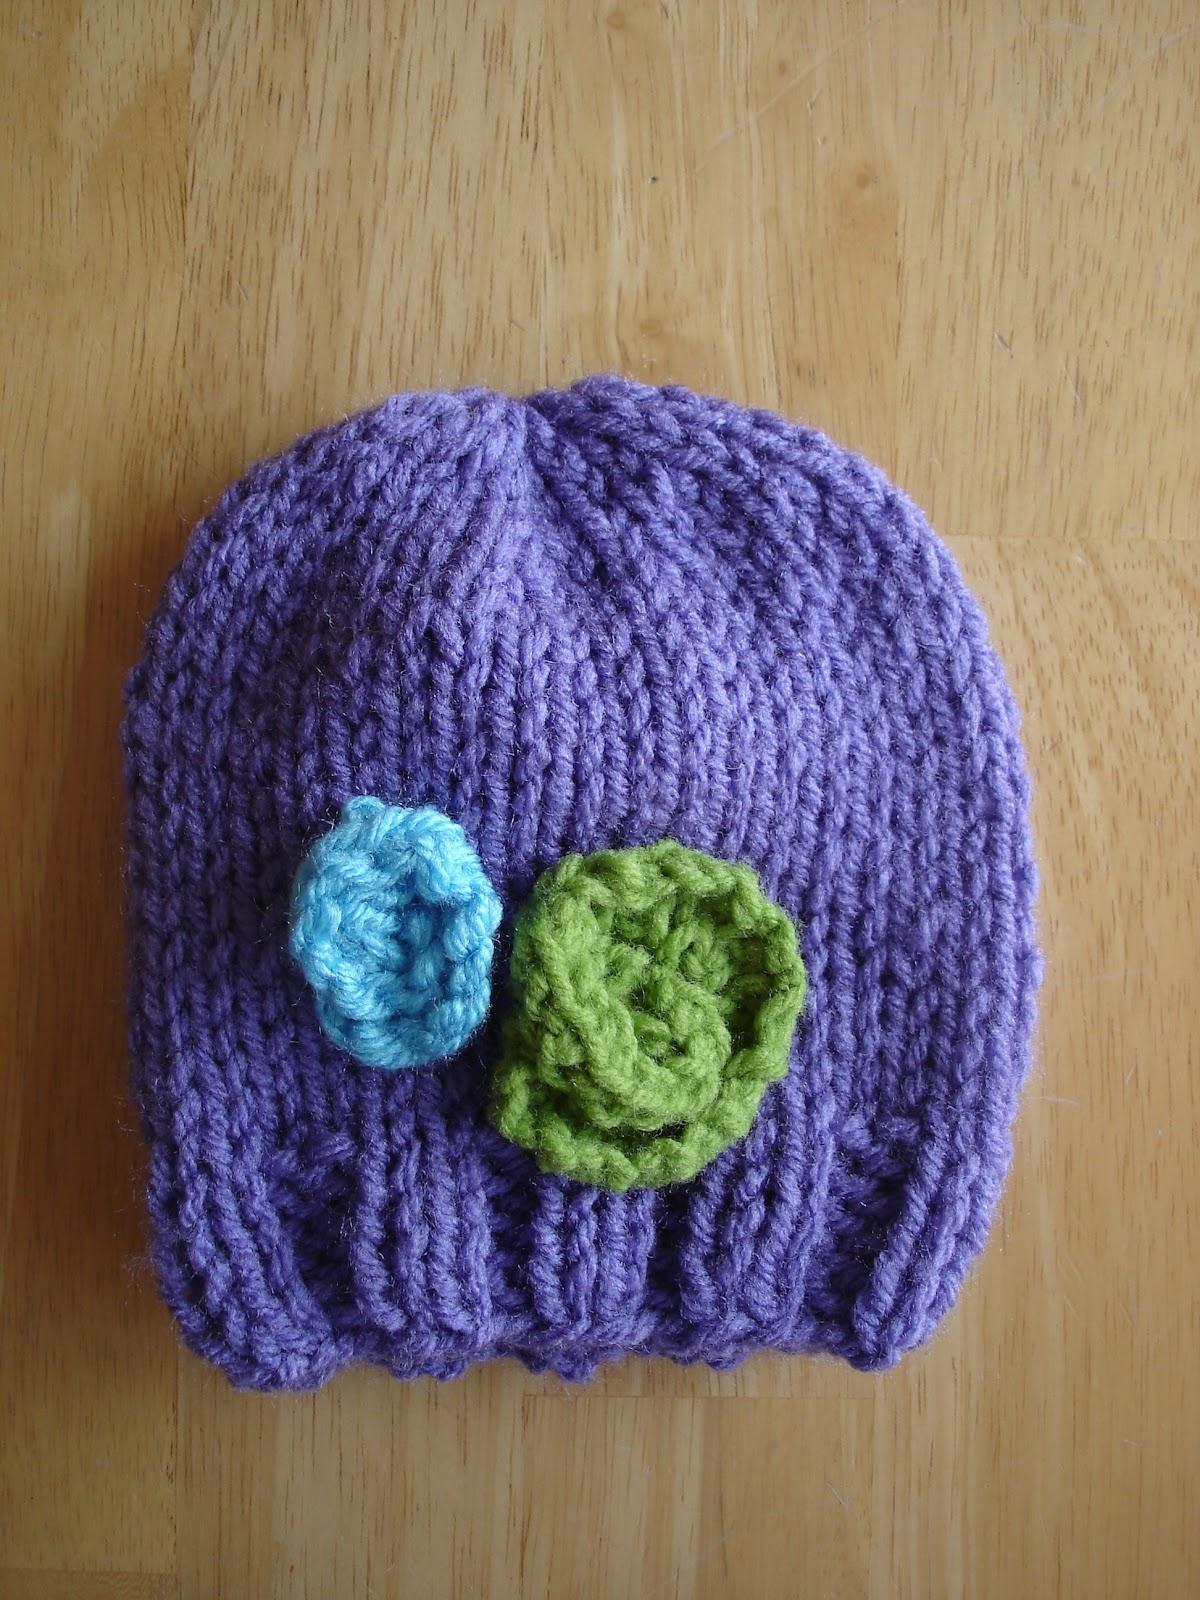 Fiber flux free knitting pattern baby in bloom hats free knitting pattern baby in bloom hats bankloansurffo Gallery